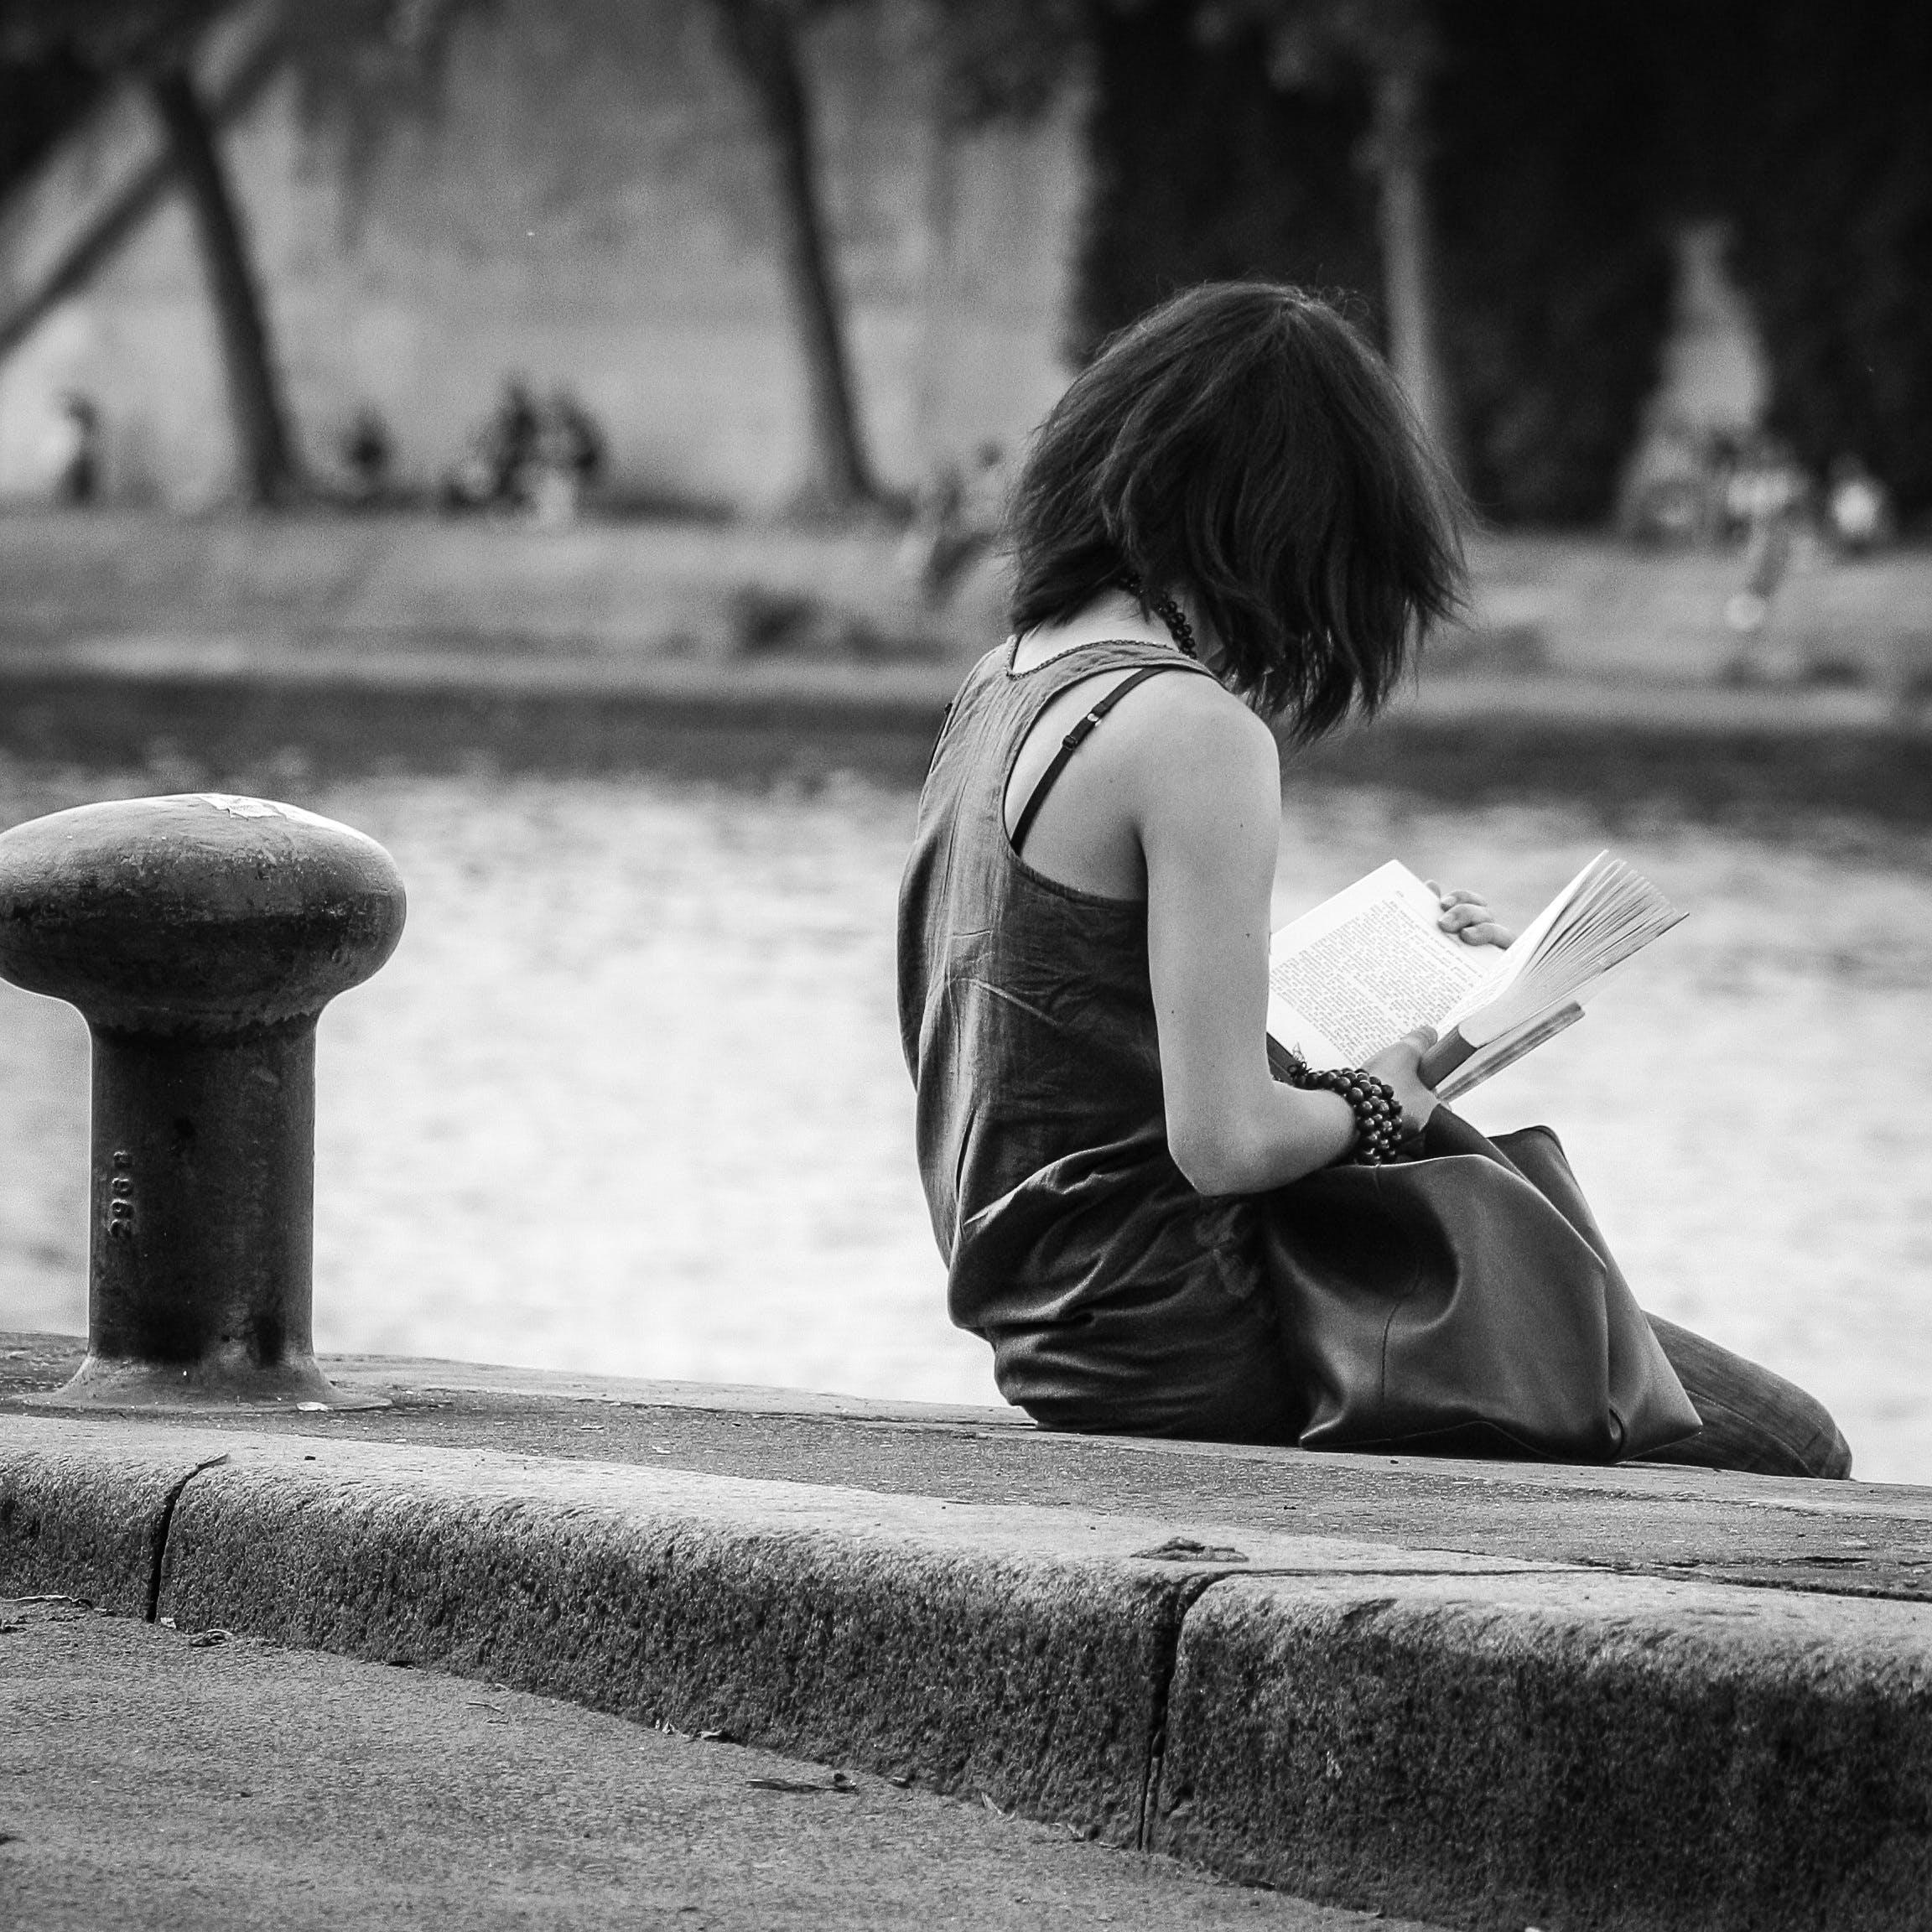 Foto stok gratis tentang baca, Book, cewek